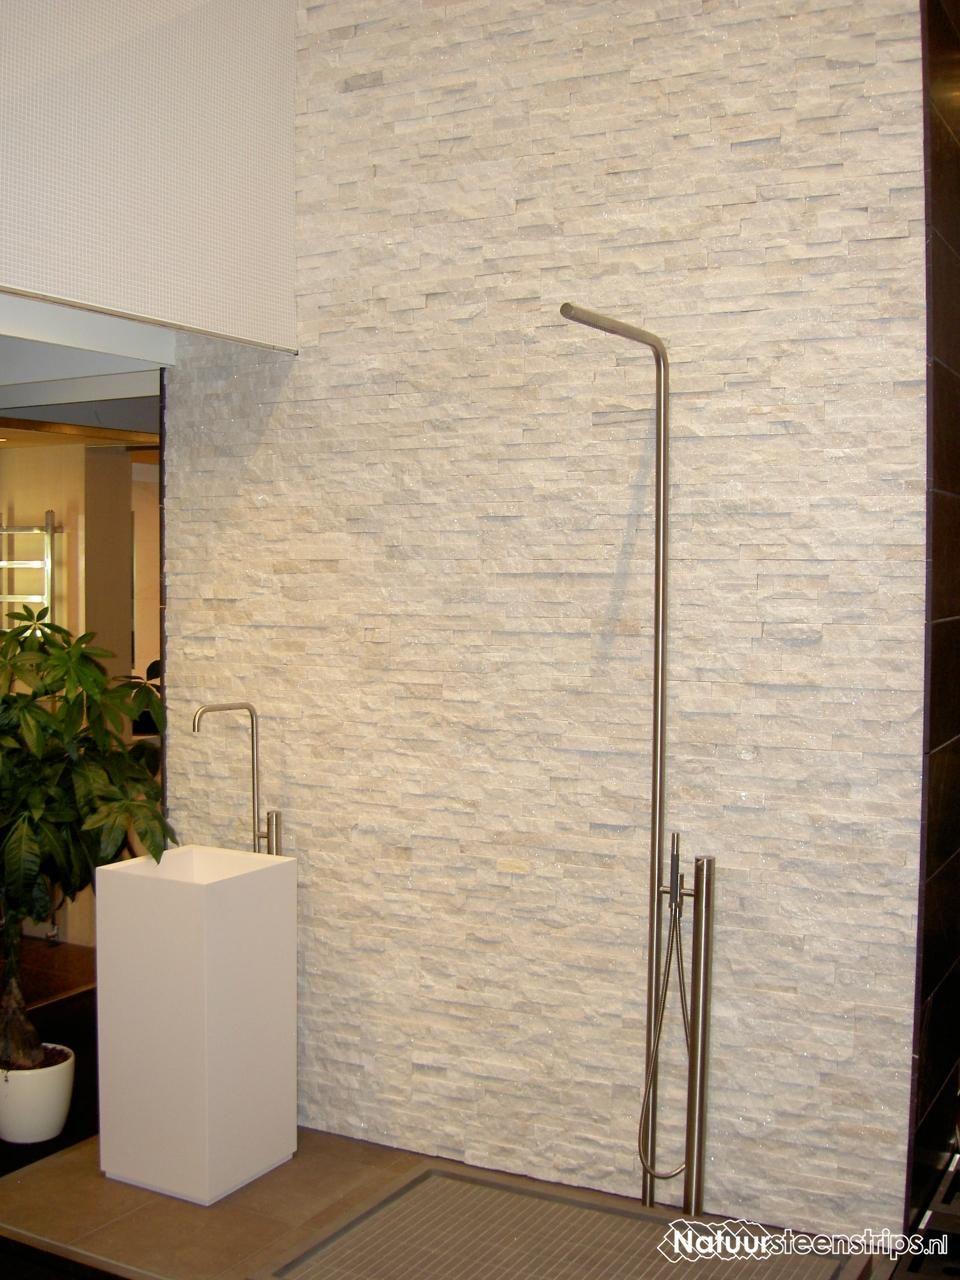 Sneeuwwit Marmer Natuursteenstrips - douche badkamer | Huizen ...